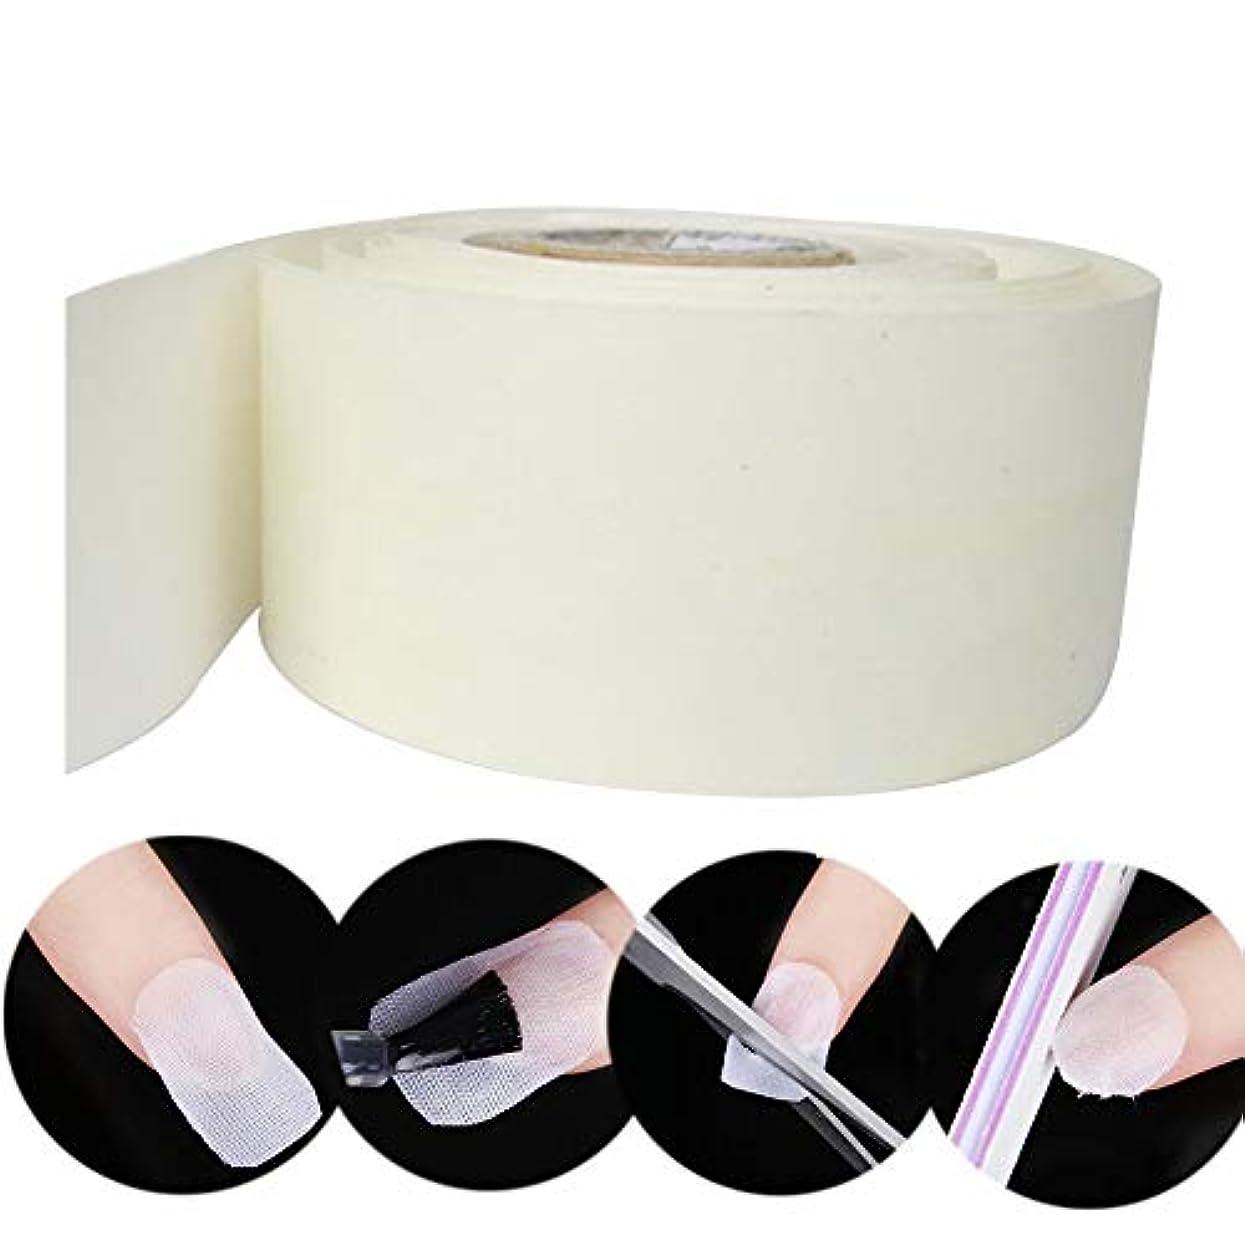 貯水池冗長いちゃつくslQinjiansavネイルアート&ツールテープ1ロール自己接着シルクネイルラップテープ保護ステッカーマニキュアDIYツール